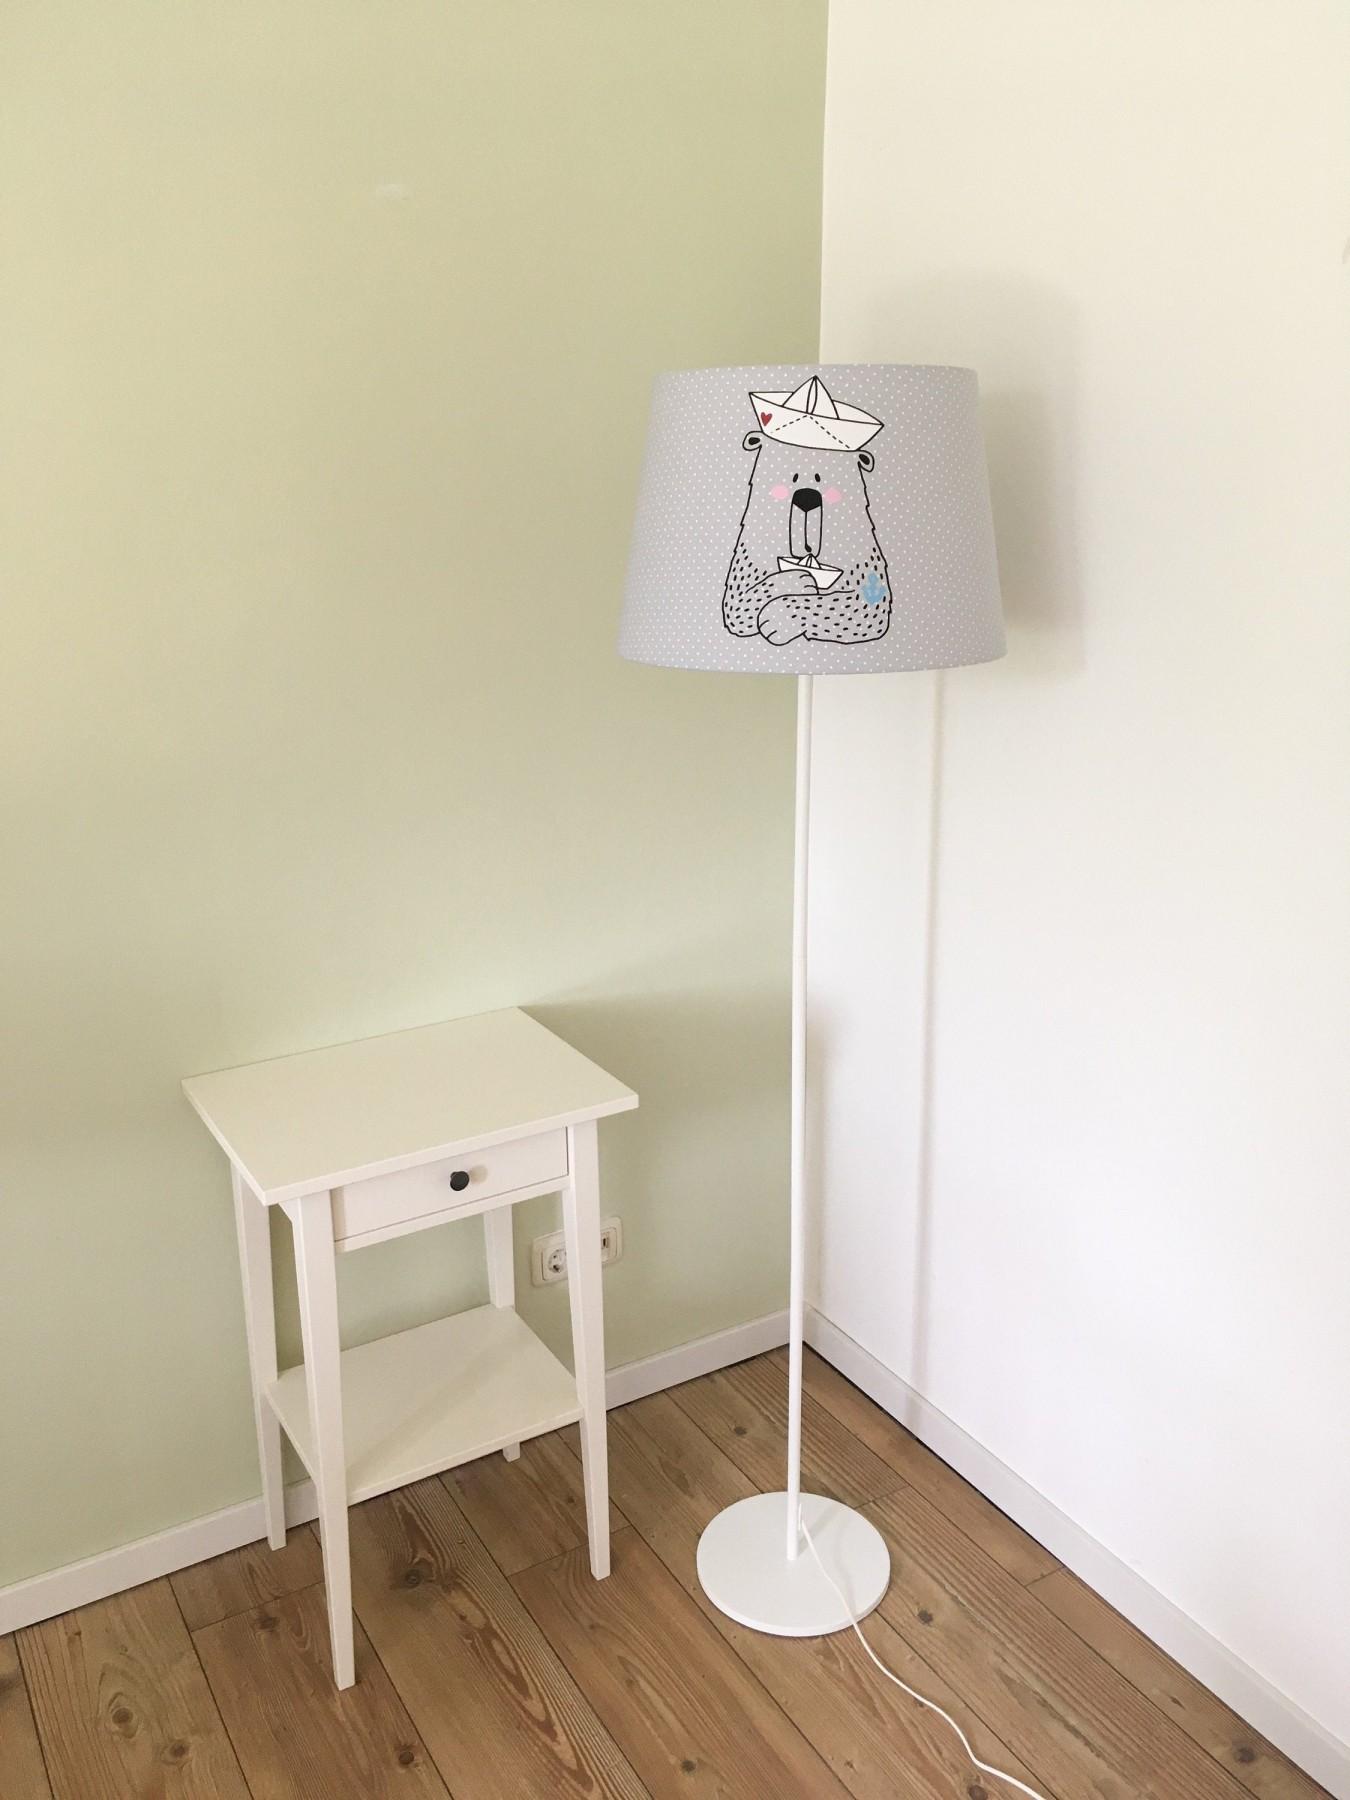 Full Size of Stehlampe Kinderzimmer Kinderlampe Seebr Punkte Online Shop Regale Wohnzimmer Regal Stehlampen Schlafzimmer Sofa Weiß Kinderzimmer Stehlampe Kinderzimmer